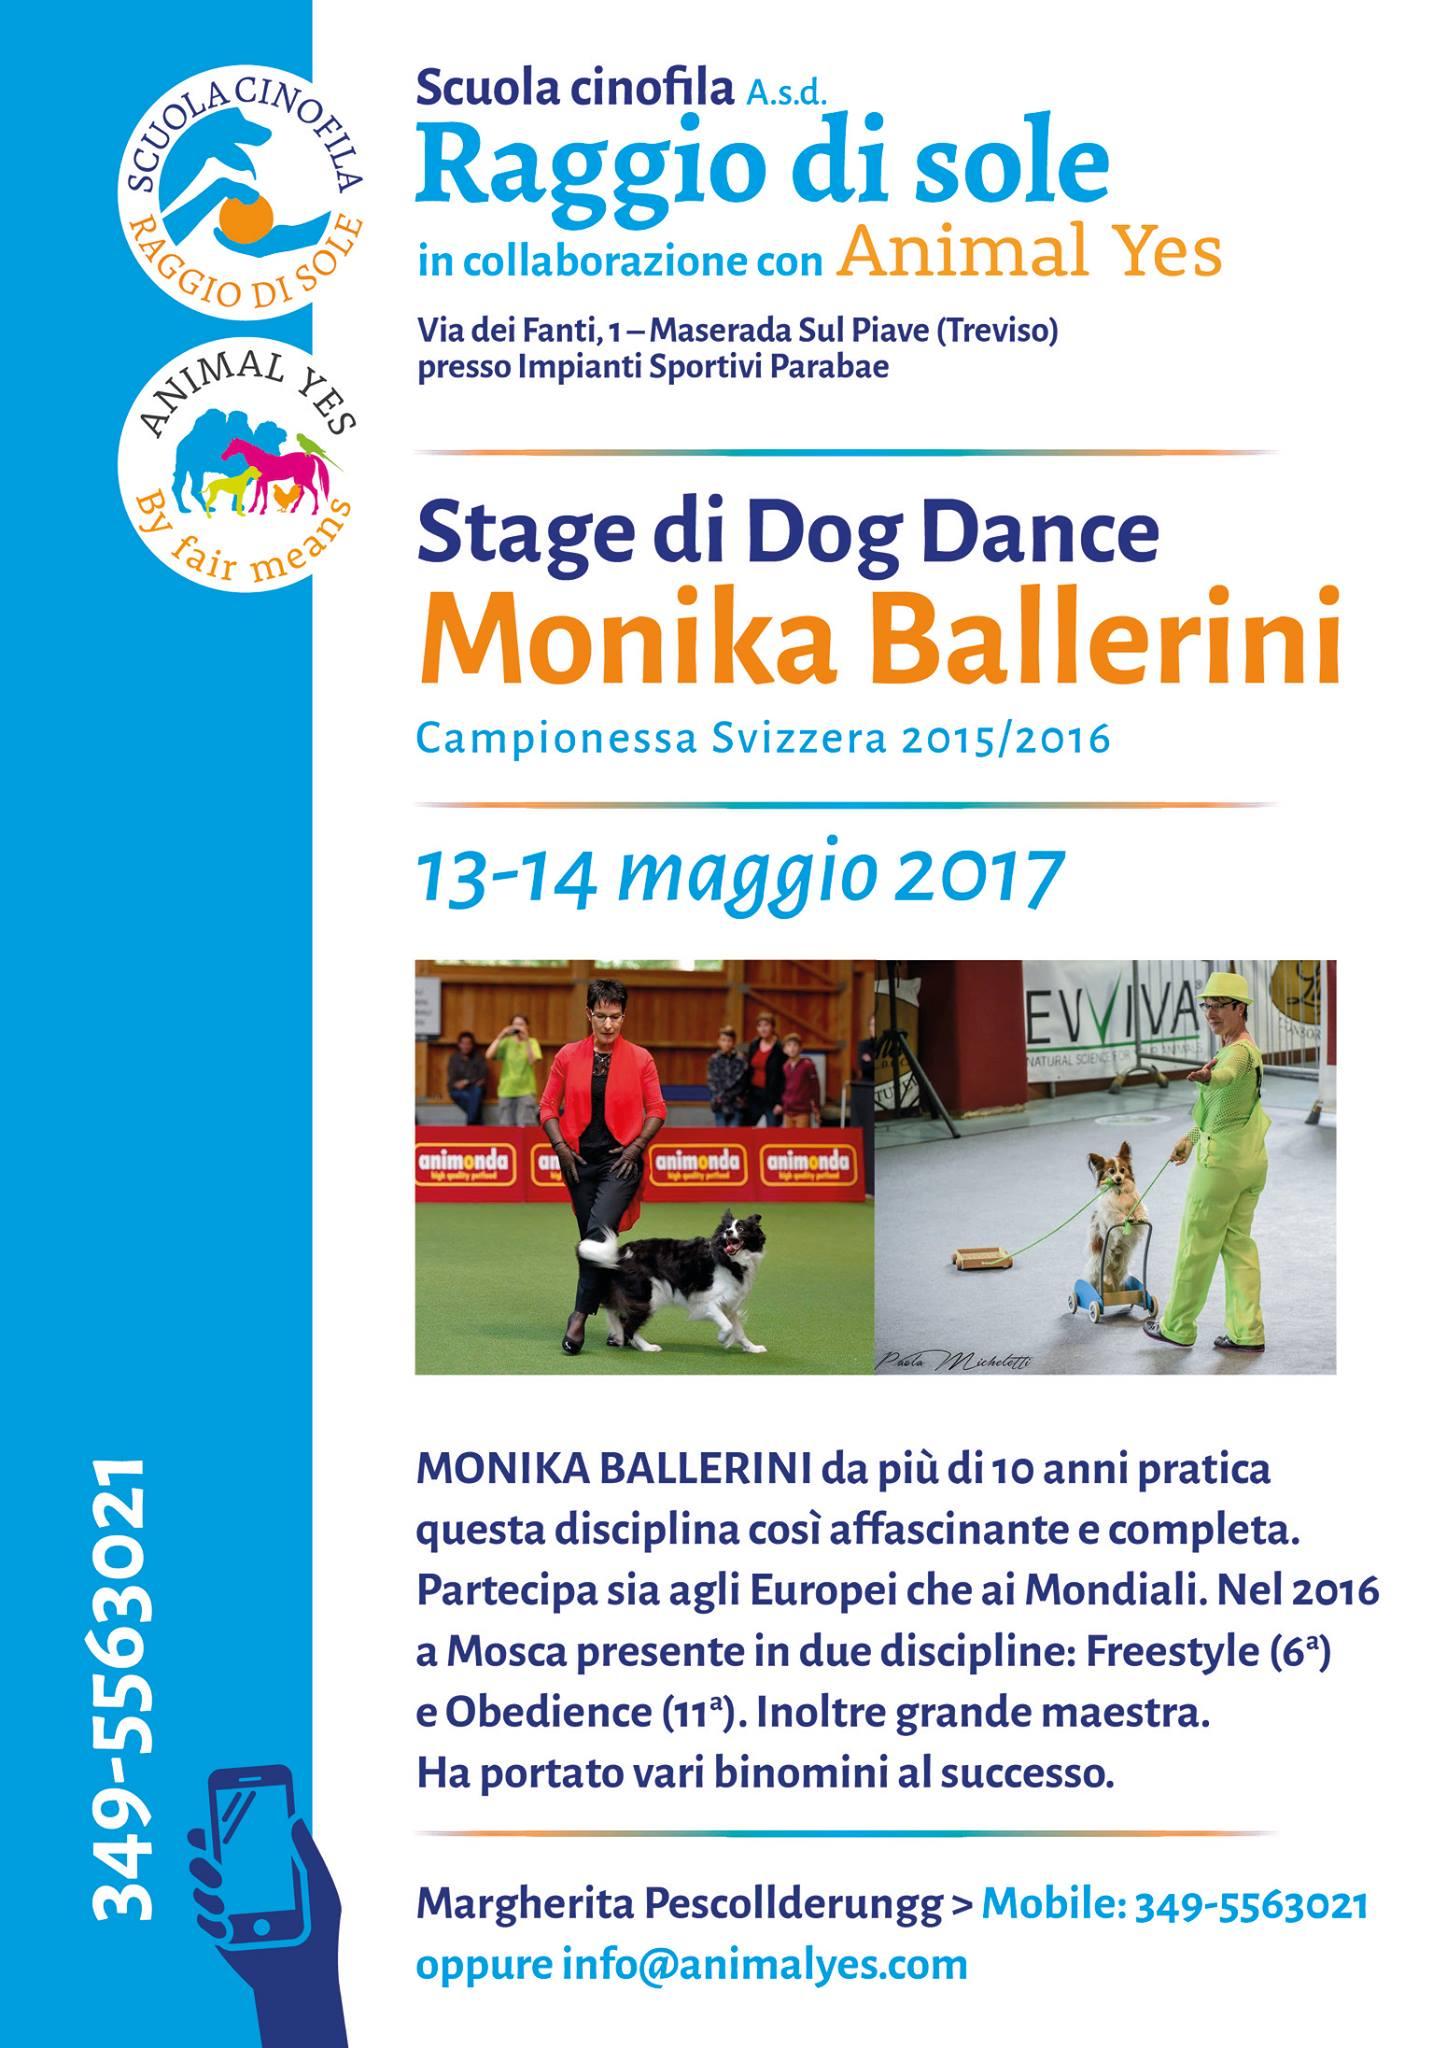 Monika Ballerini